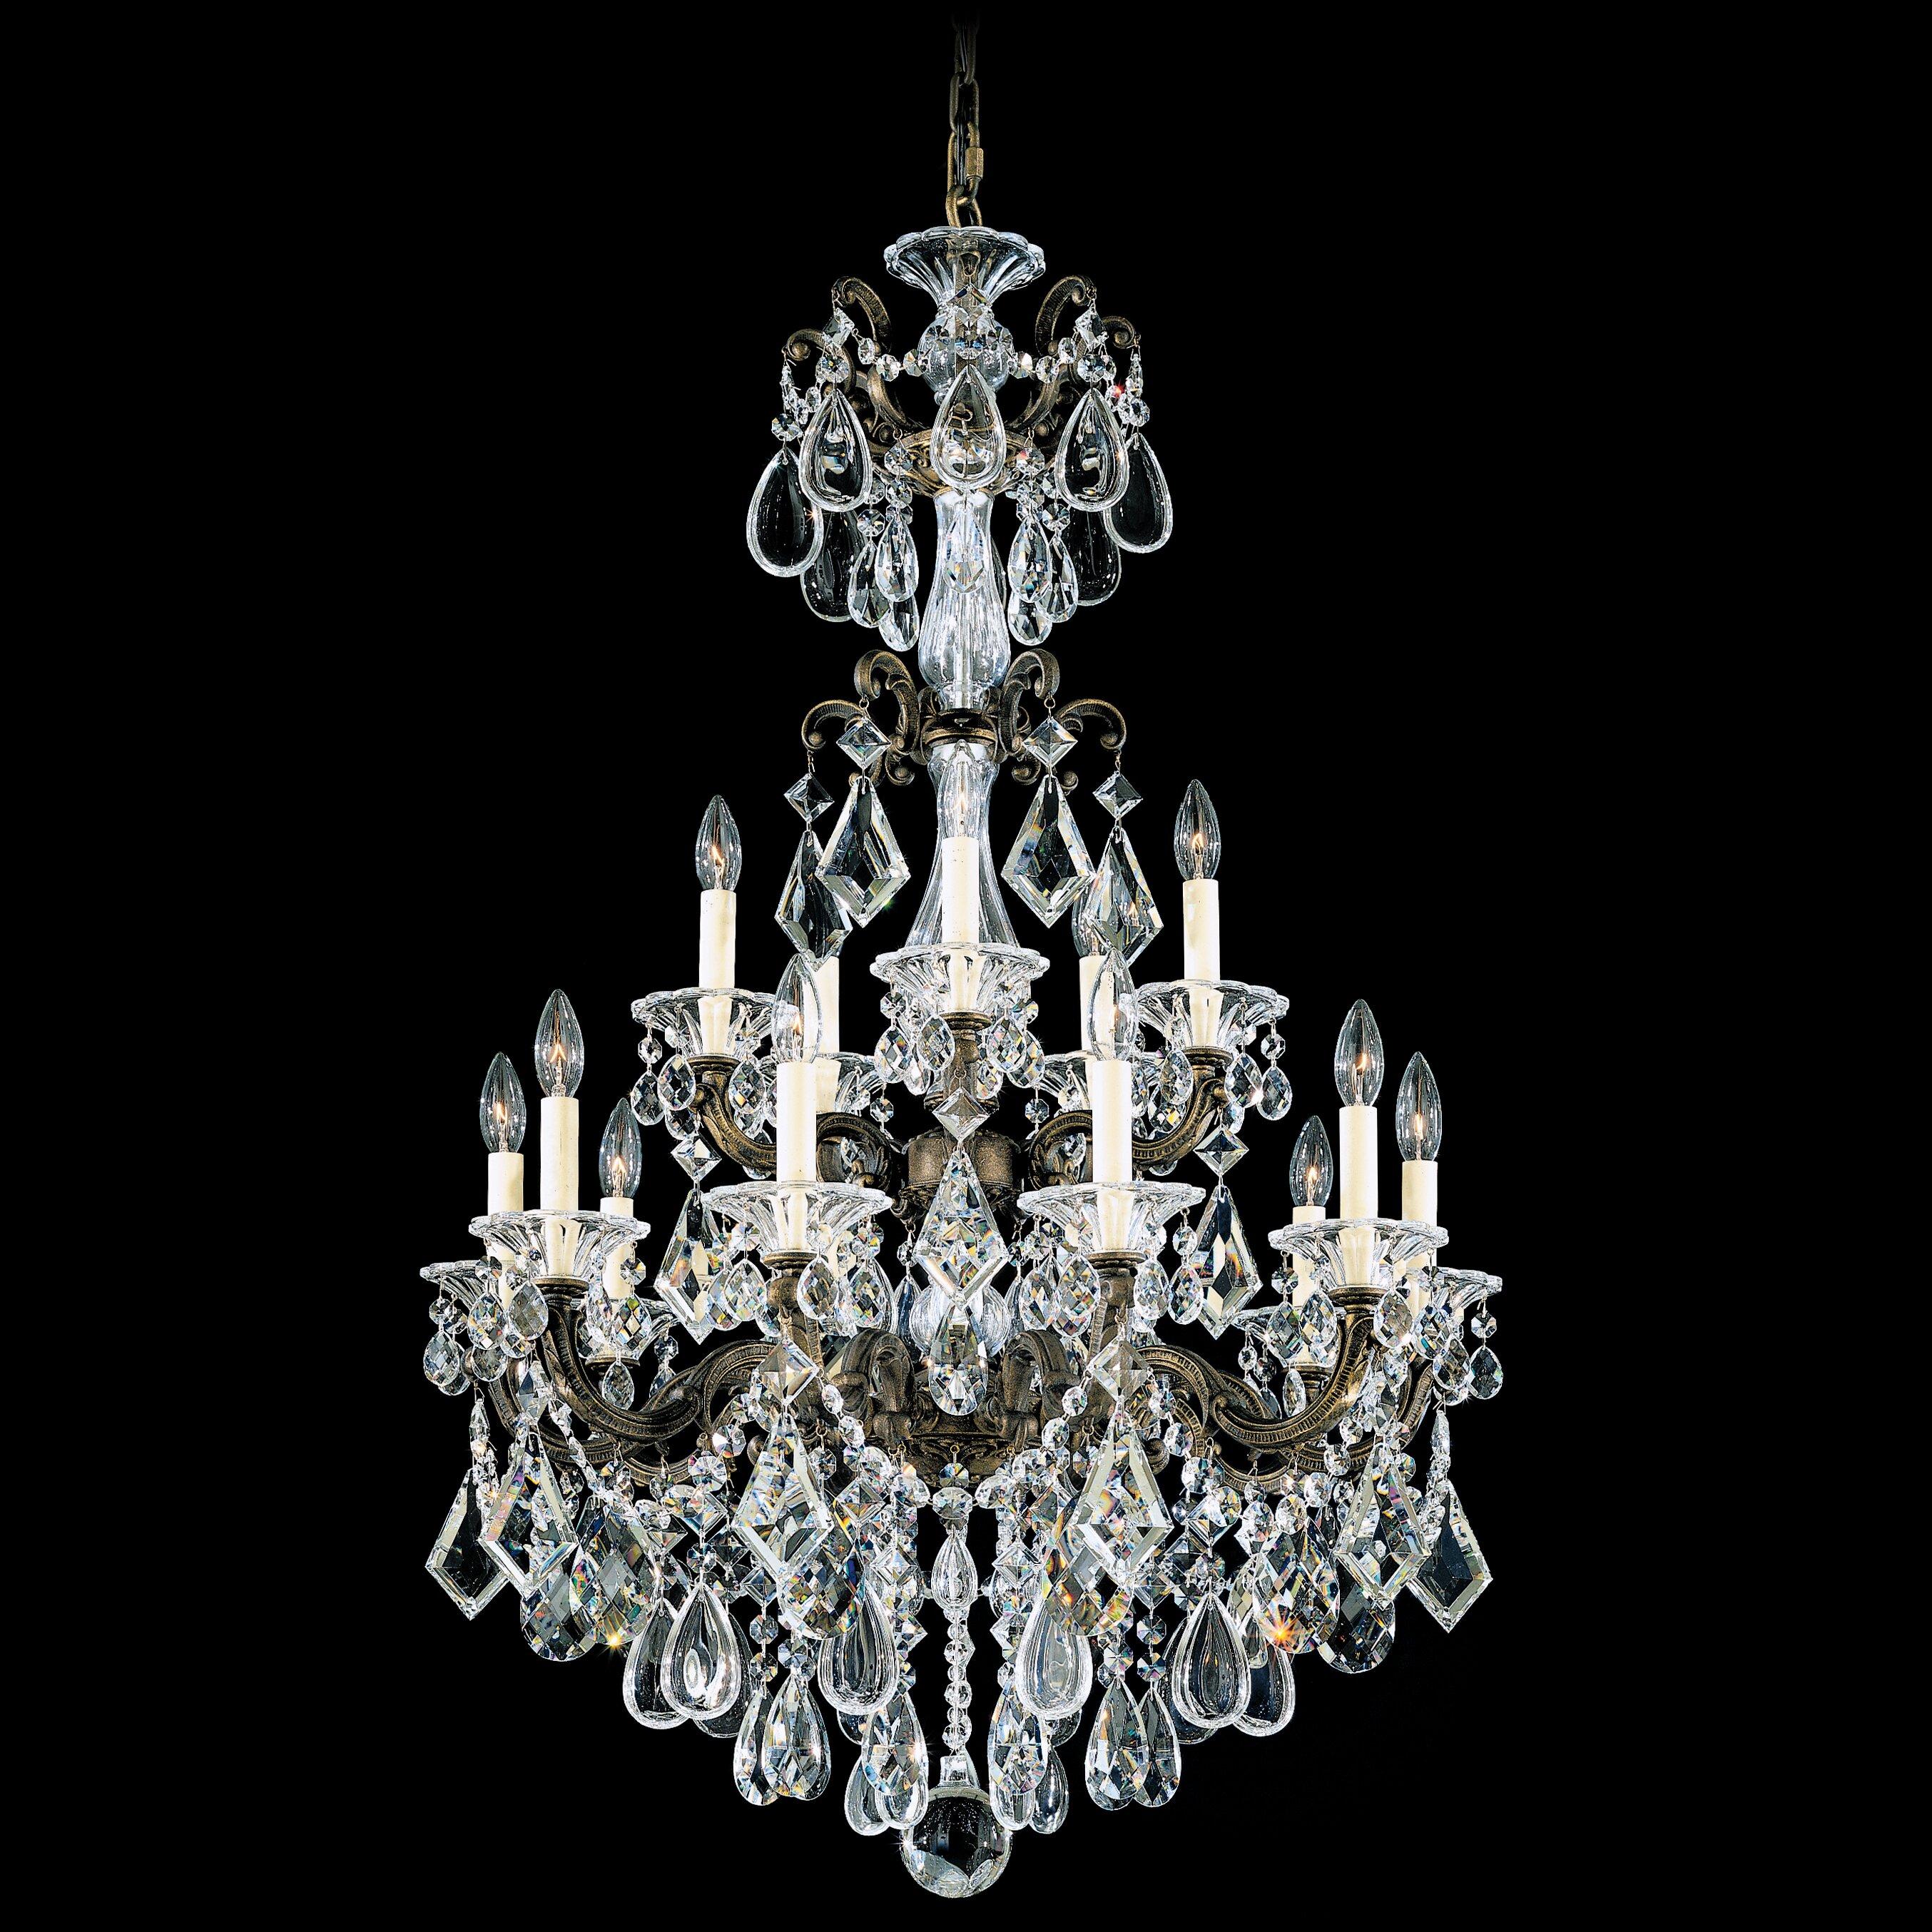 Schonbek Chandelier Wayfair: Schonbek La Scala 15 Light Chandelier & Reviews